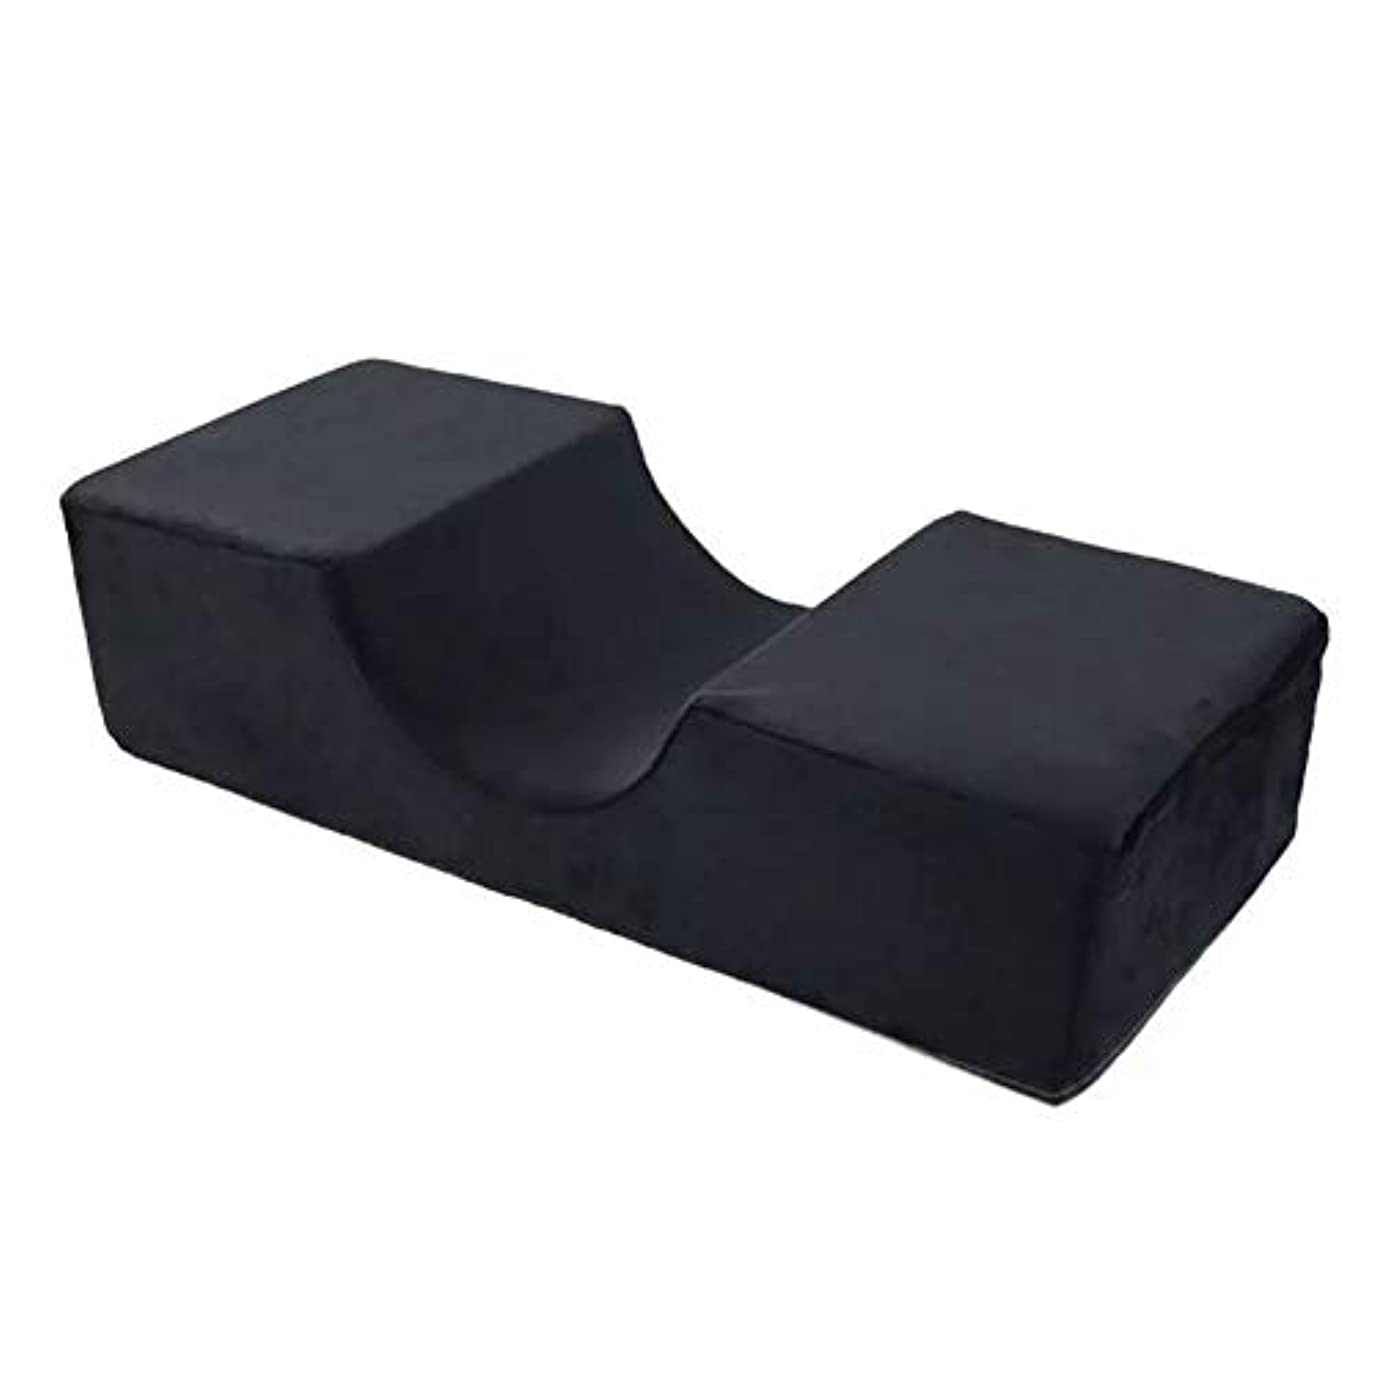 スモッグ虐殺小石まつげ枕シンプルツールサロン使用ネックフランネルエイドエクステンションカーブスタンドサポート特別なグラフトプロフェッショナルメモリフォーム人間工学に基づいた